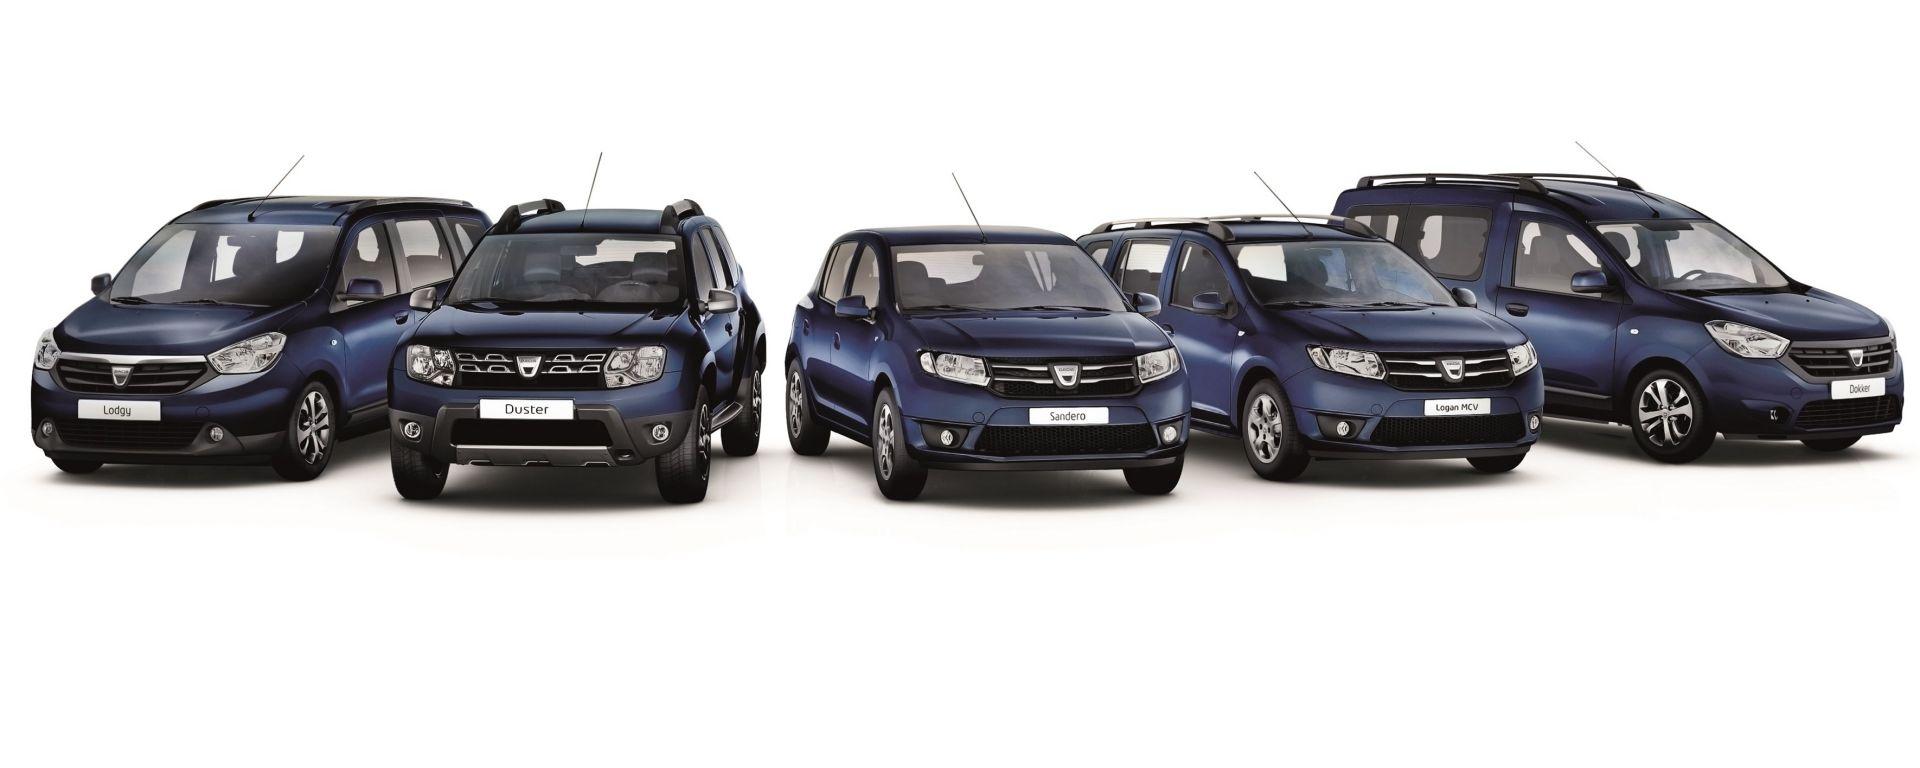 Più tecnologia e più stile: Dacia lancia la serie Family